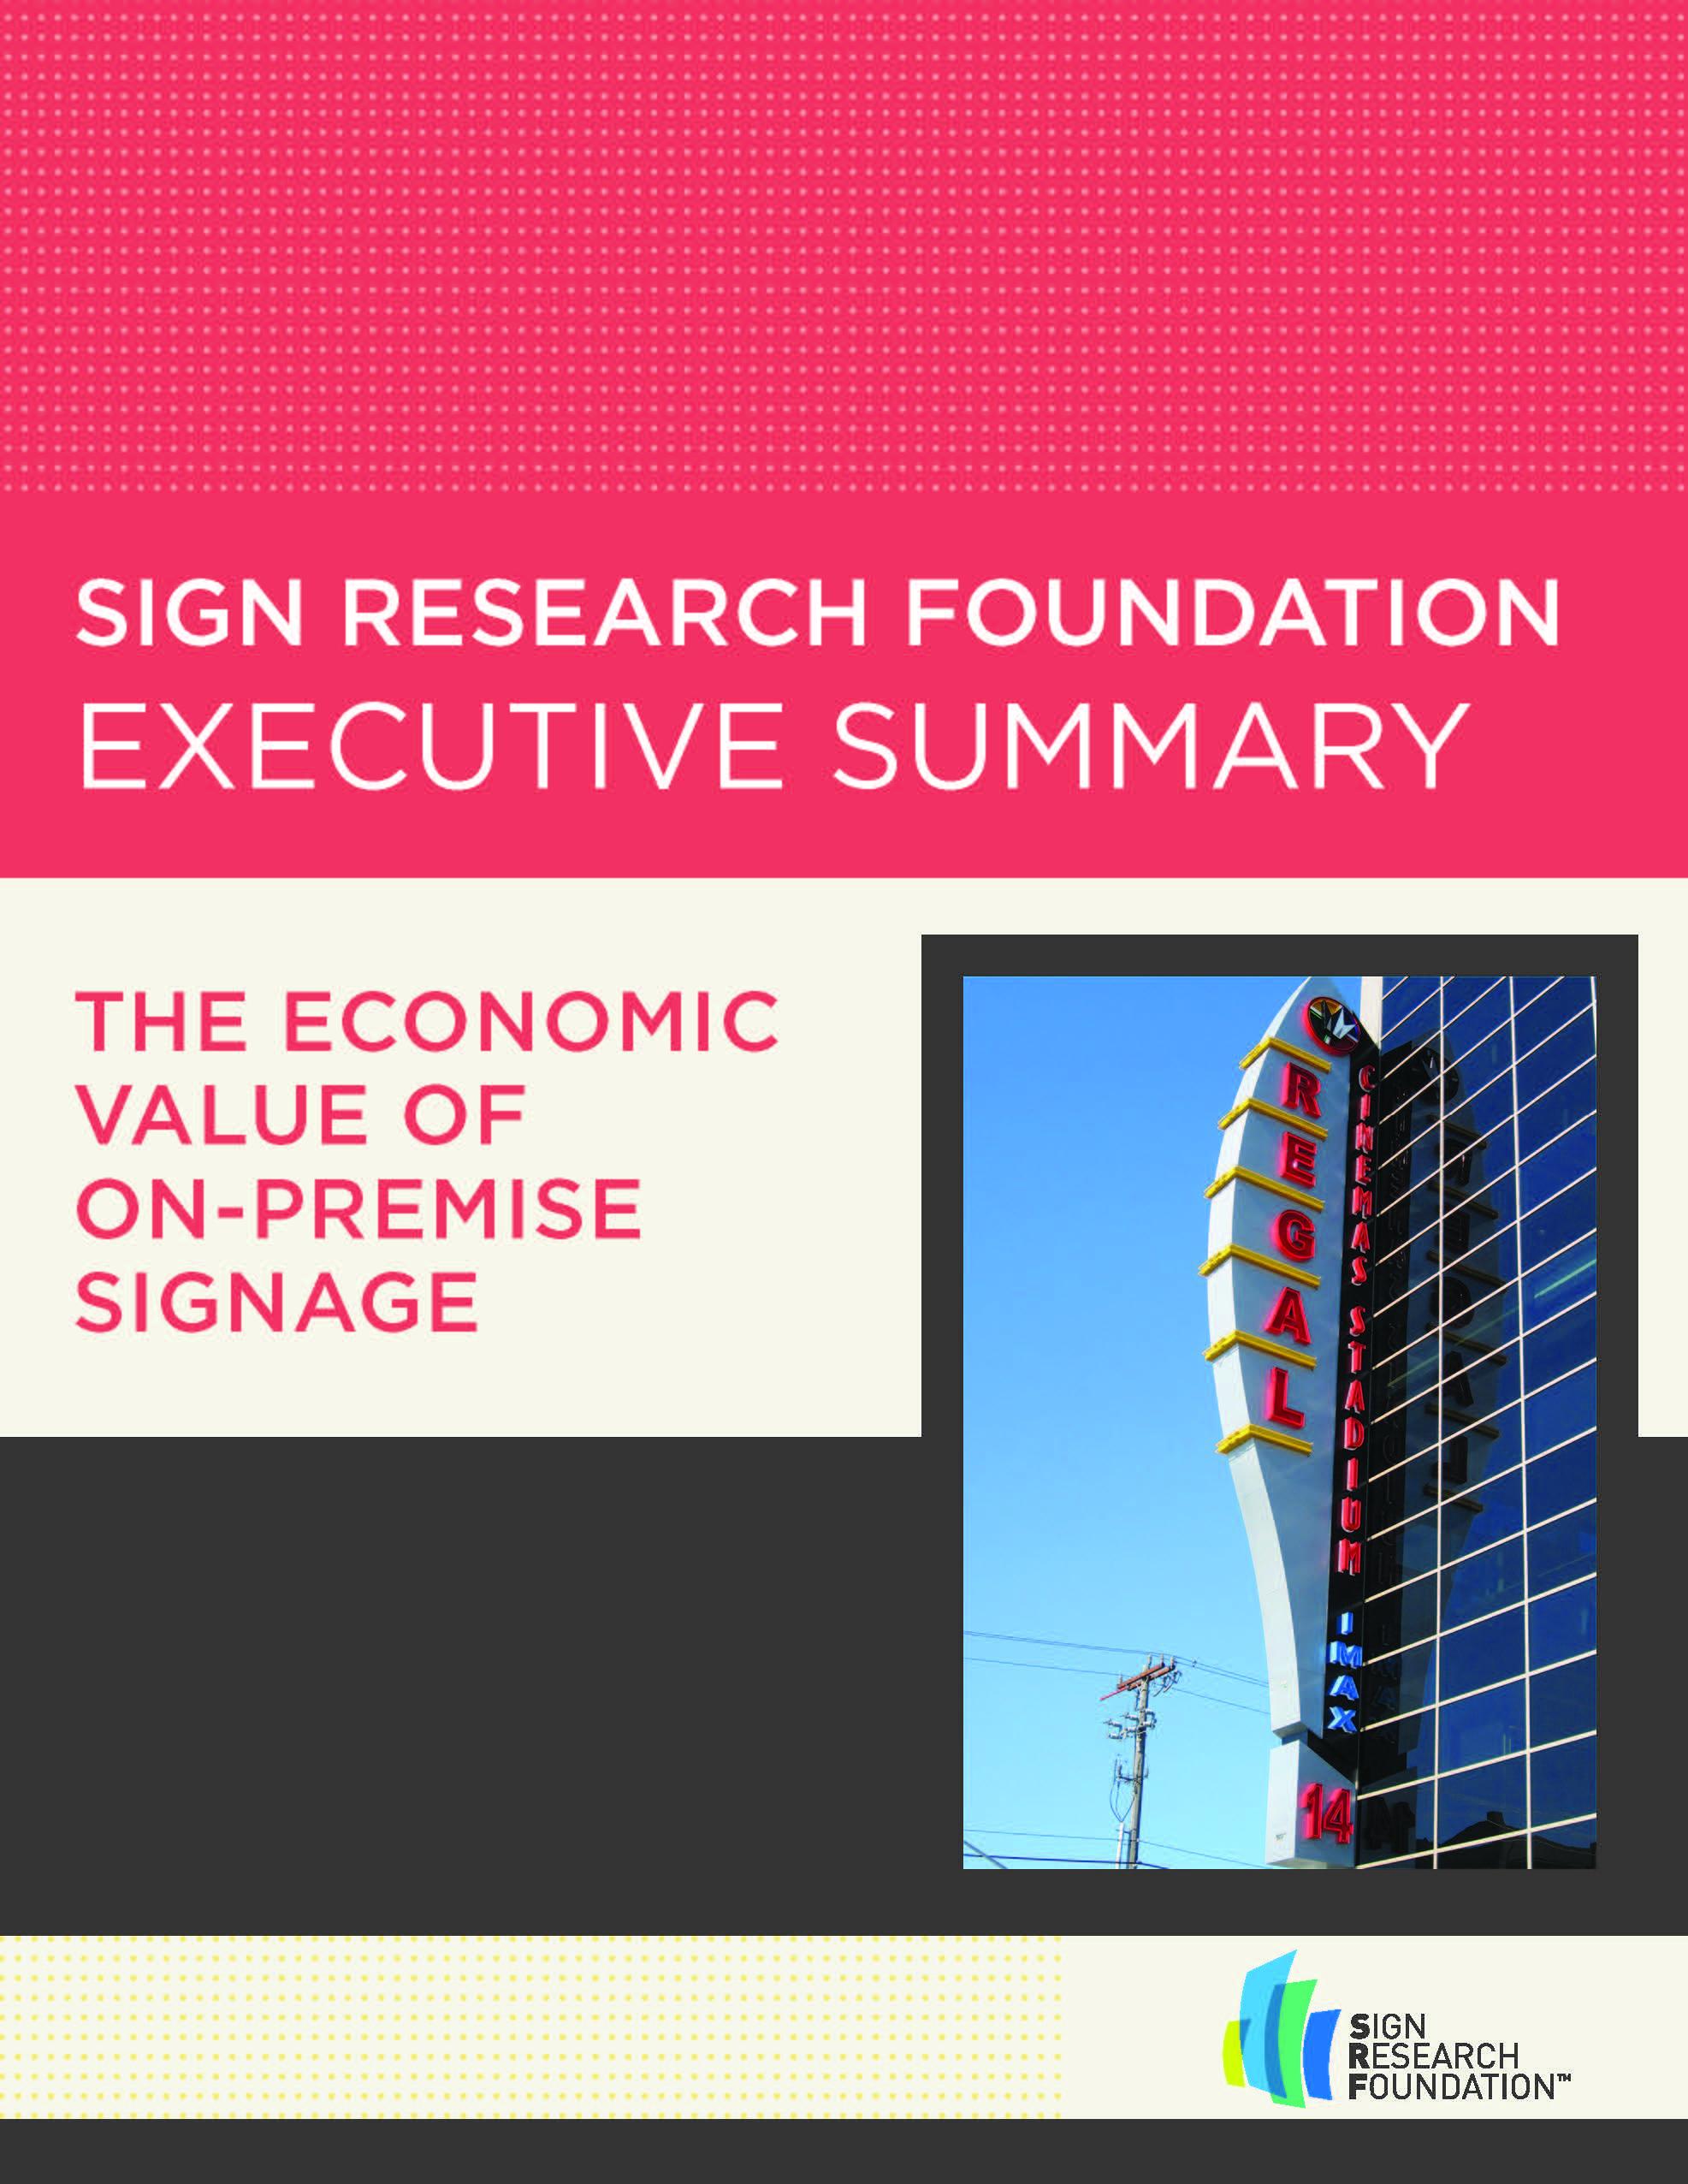 Executive Summary: The Economic Value of On-Premise Signage